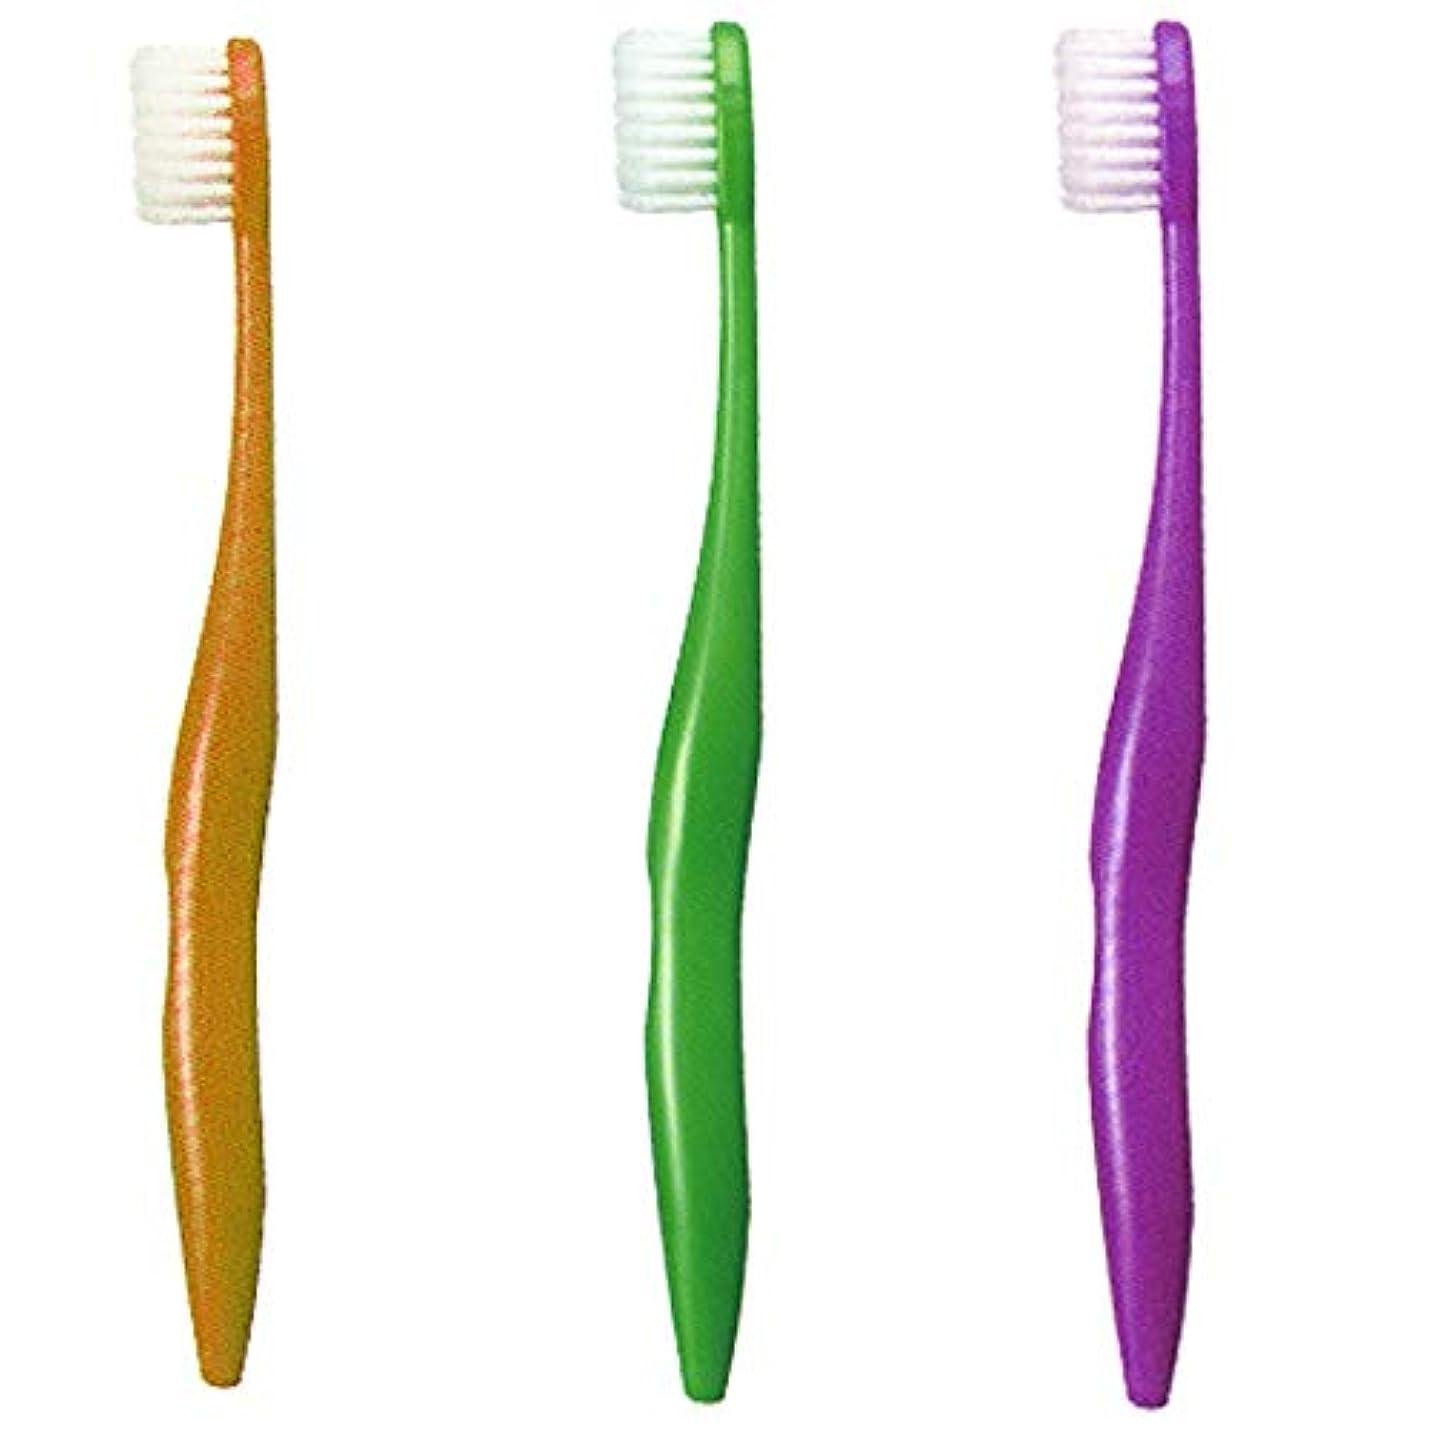 参照別れる十年日本製 歯ブラシ ライカブル ミニ 5本【ライカブル】